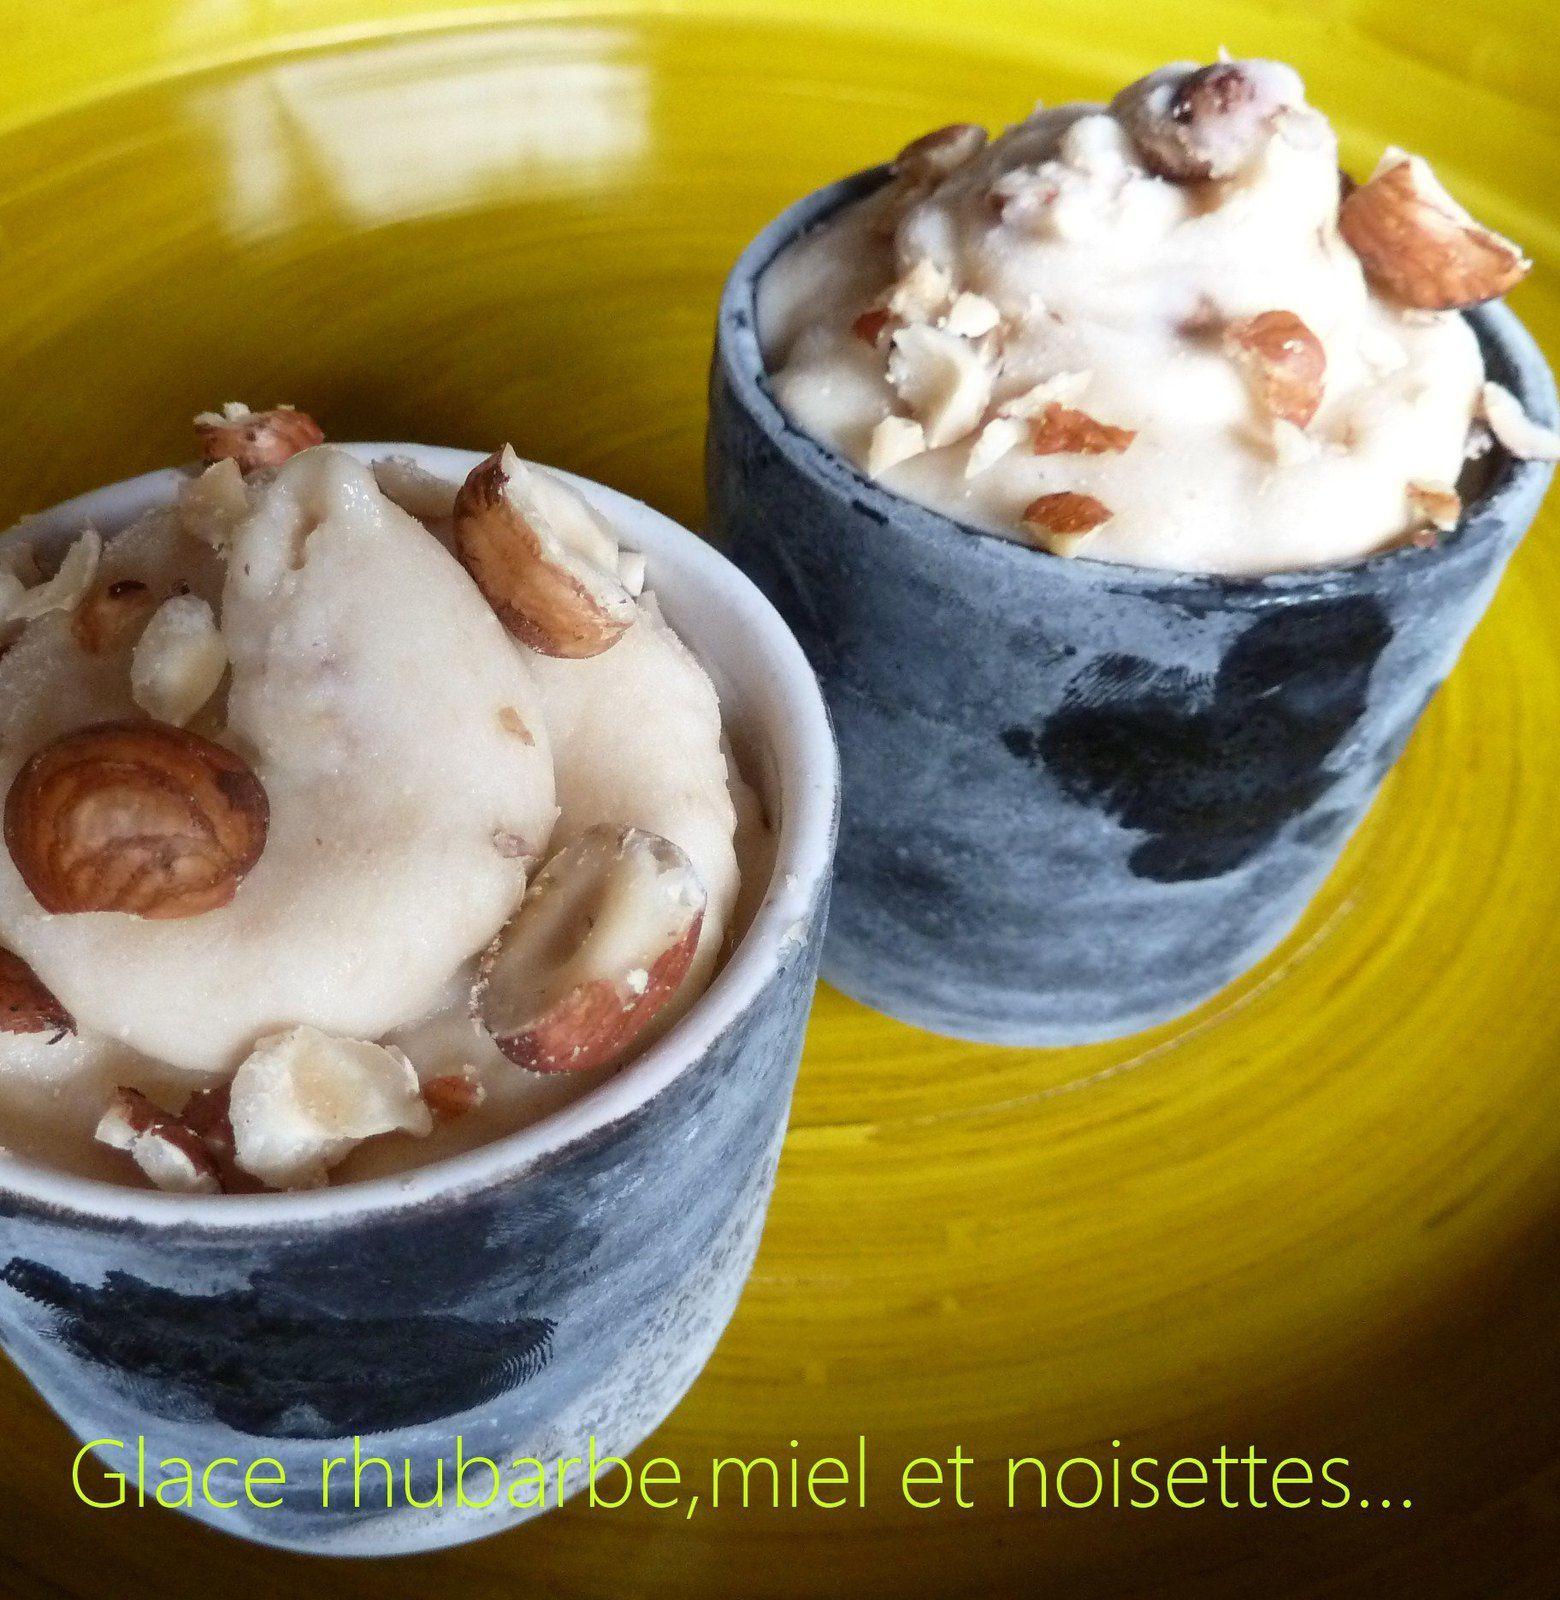 Glace Rhubarbe-miel et noisettes